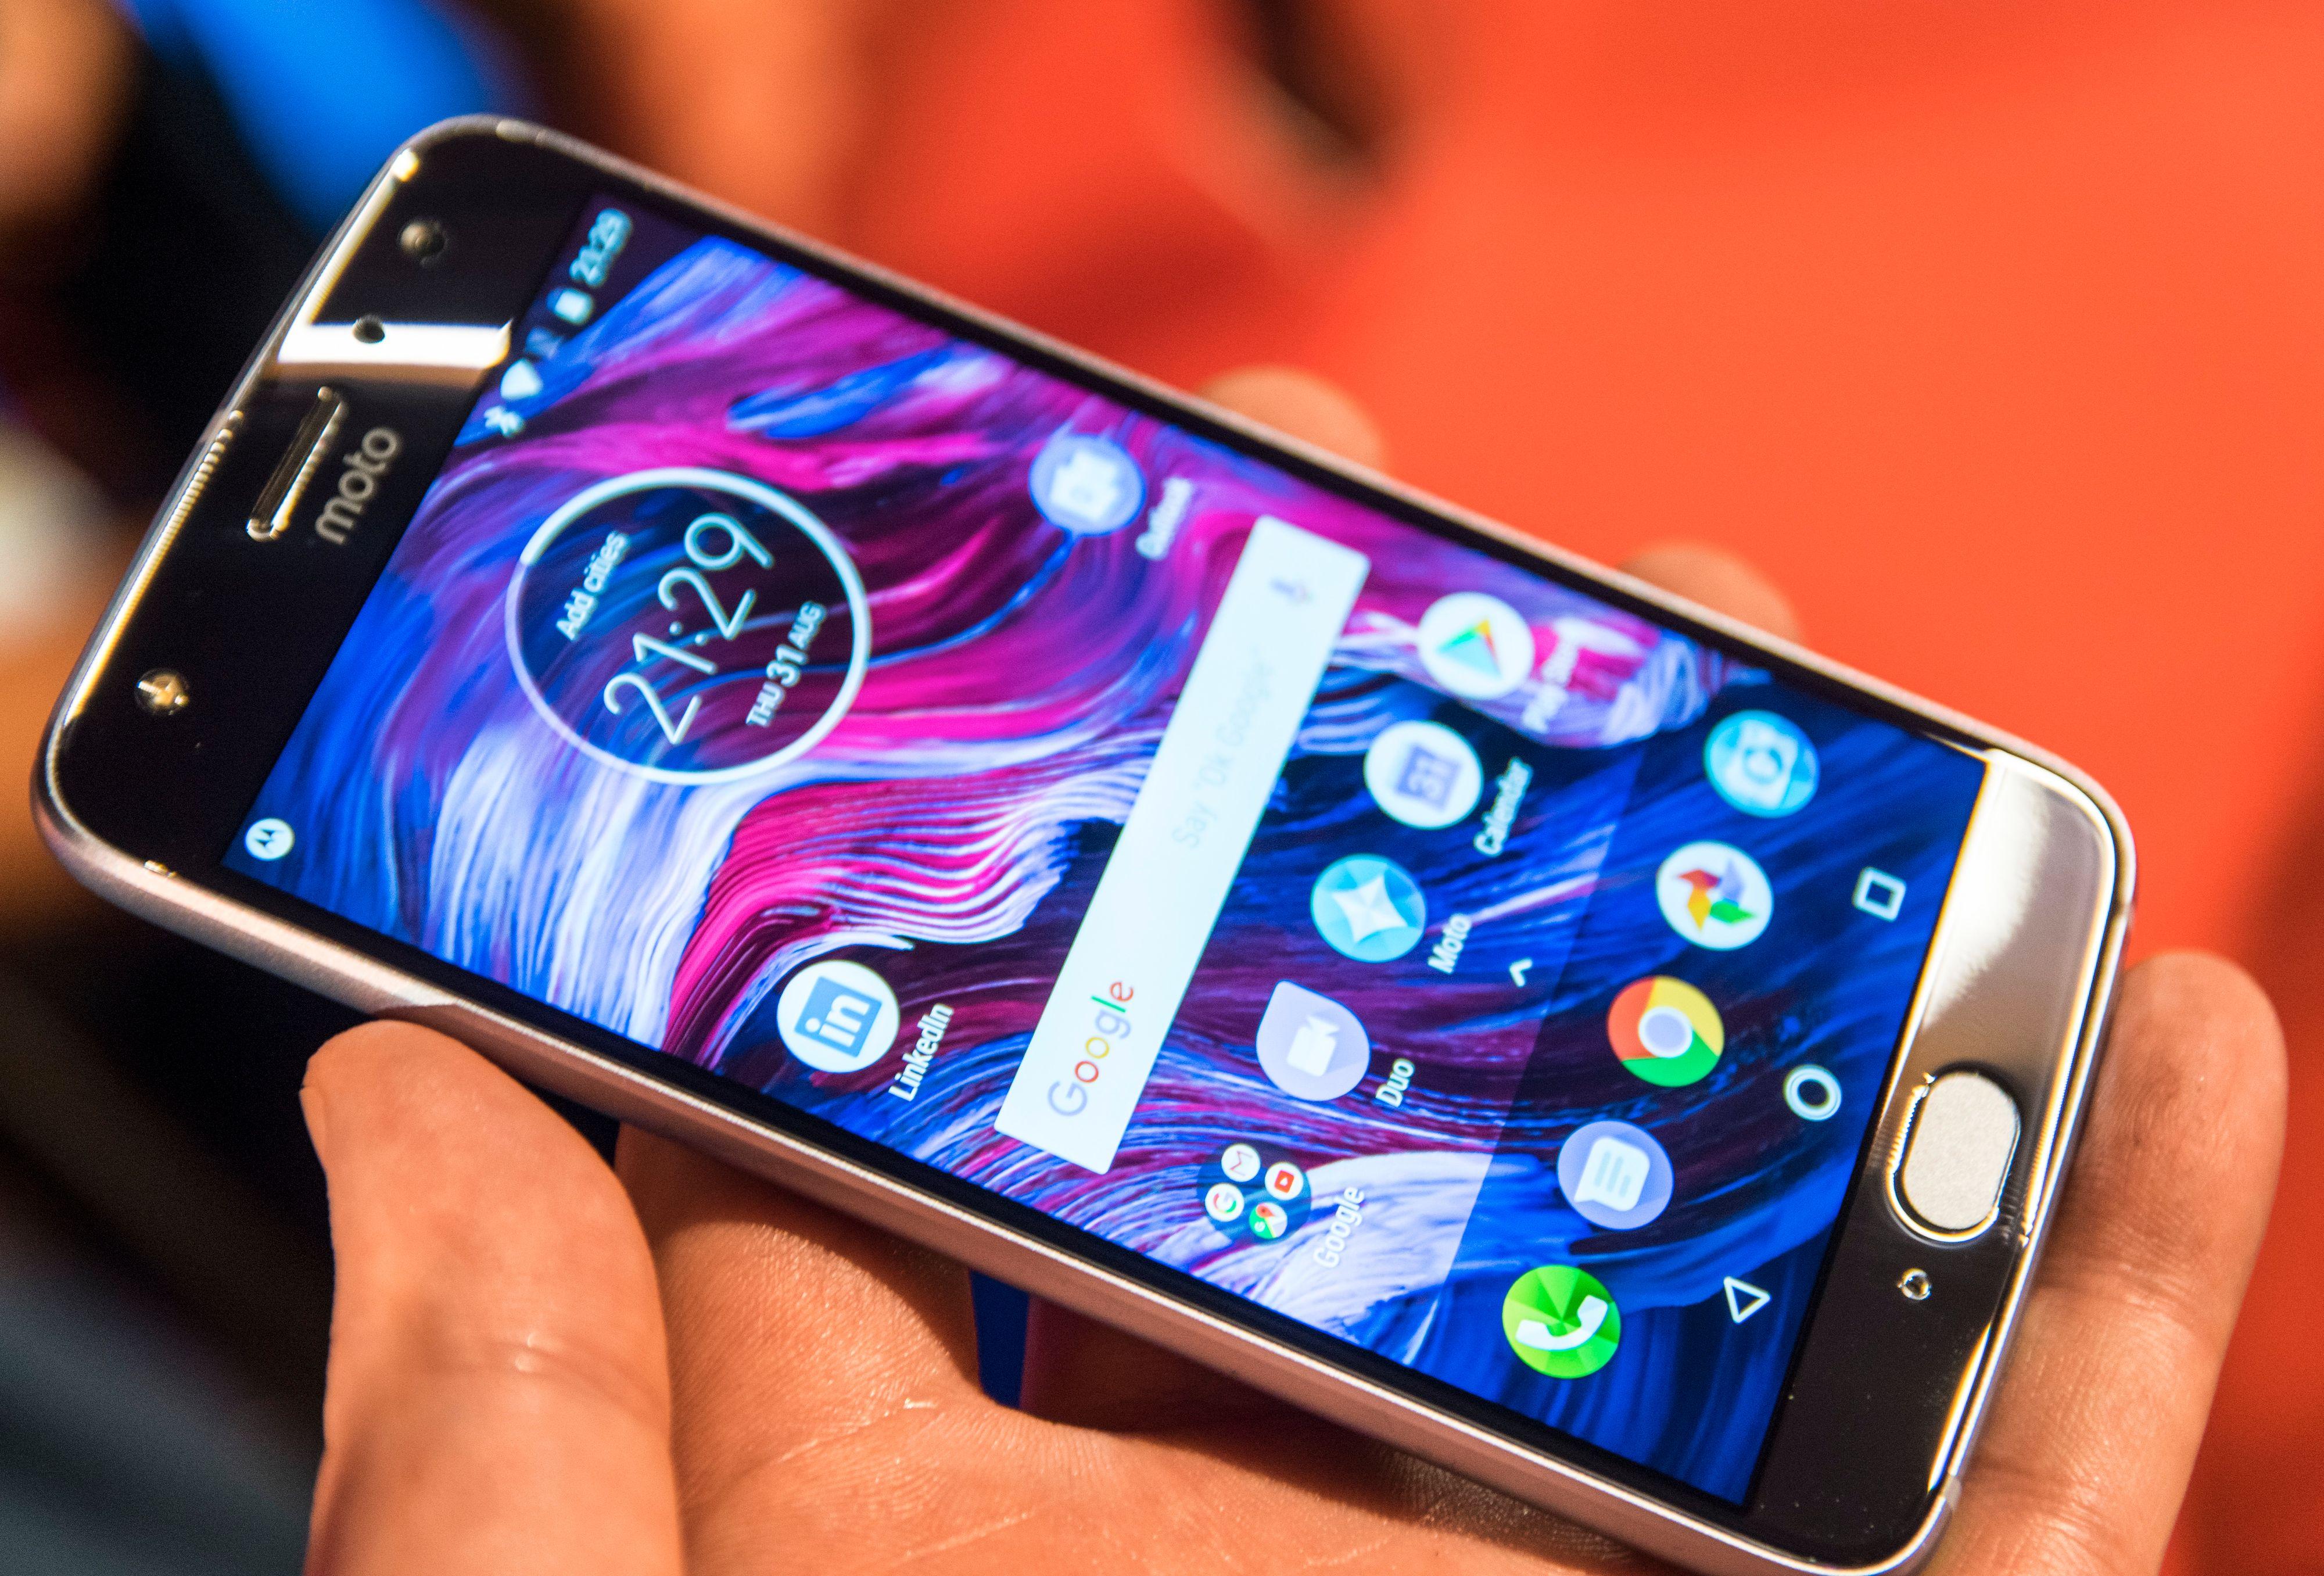 Foruten et par Motorola-spesifikke apper kjører Moto X4 omtrent ren Android. Enkelte av appene har imidlertid litt uvanlige ikoner, men det er også det hele.